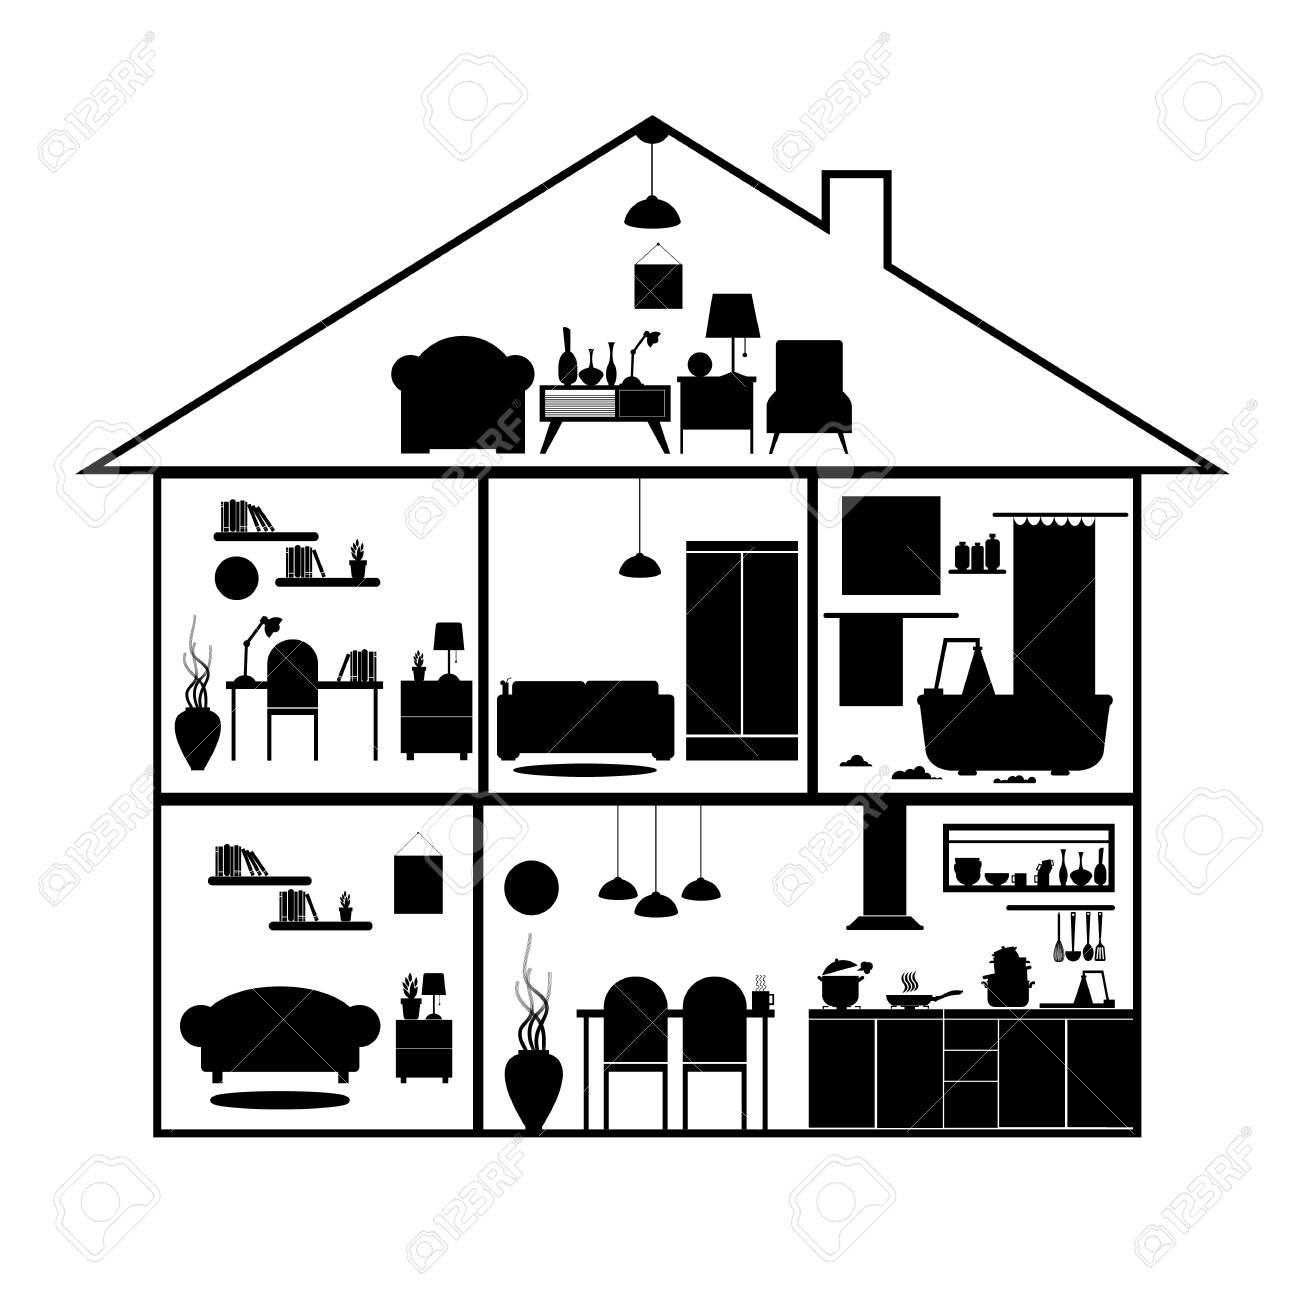 Casa En Corte. Detallado Interior De La Casa Moderna. Habitaciones ...